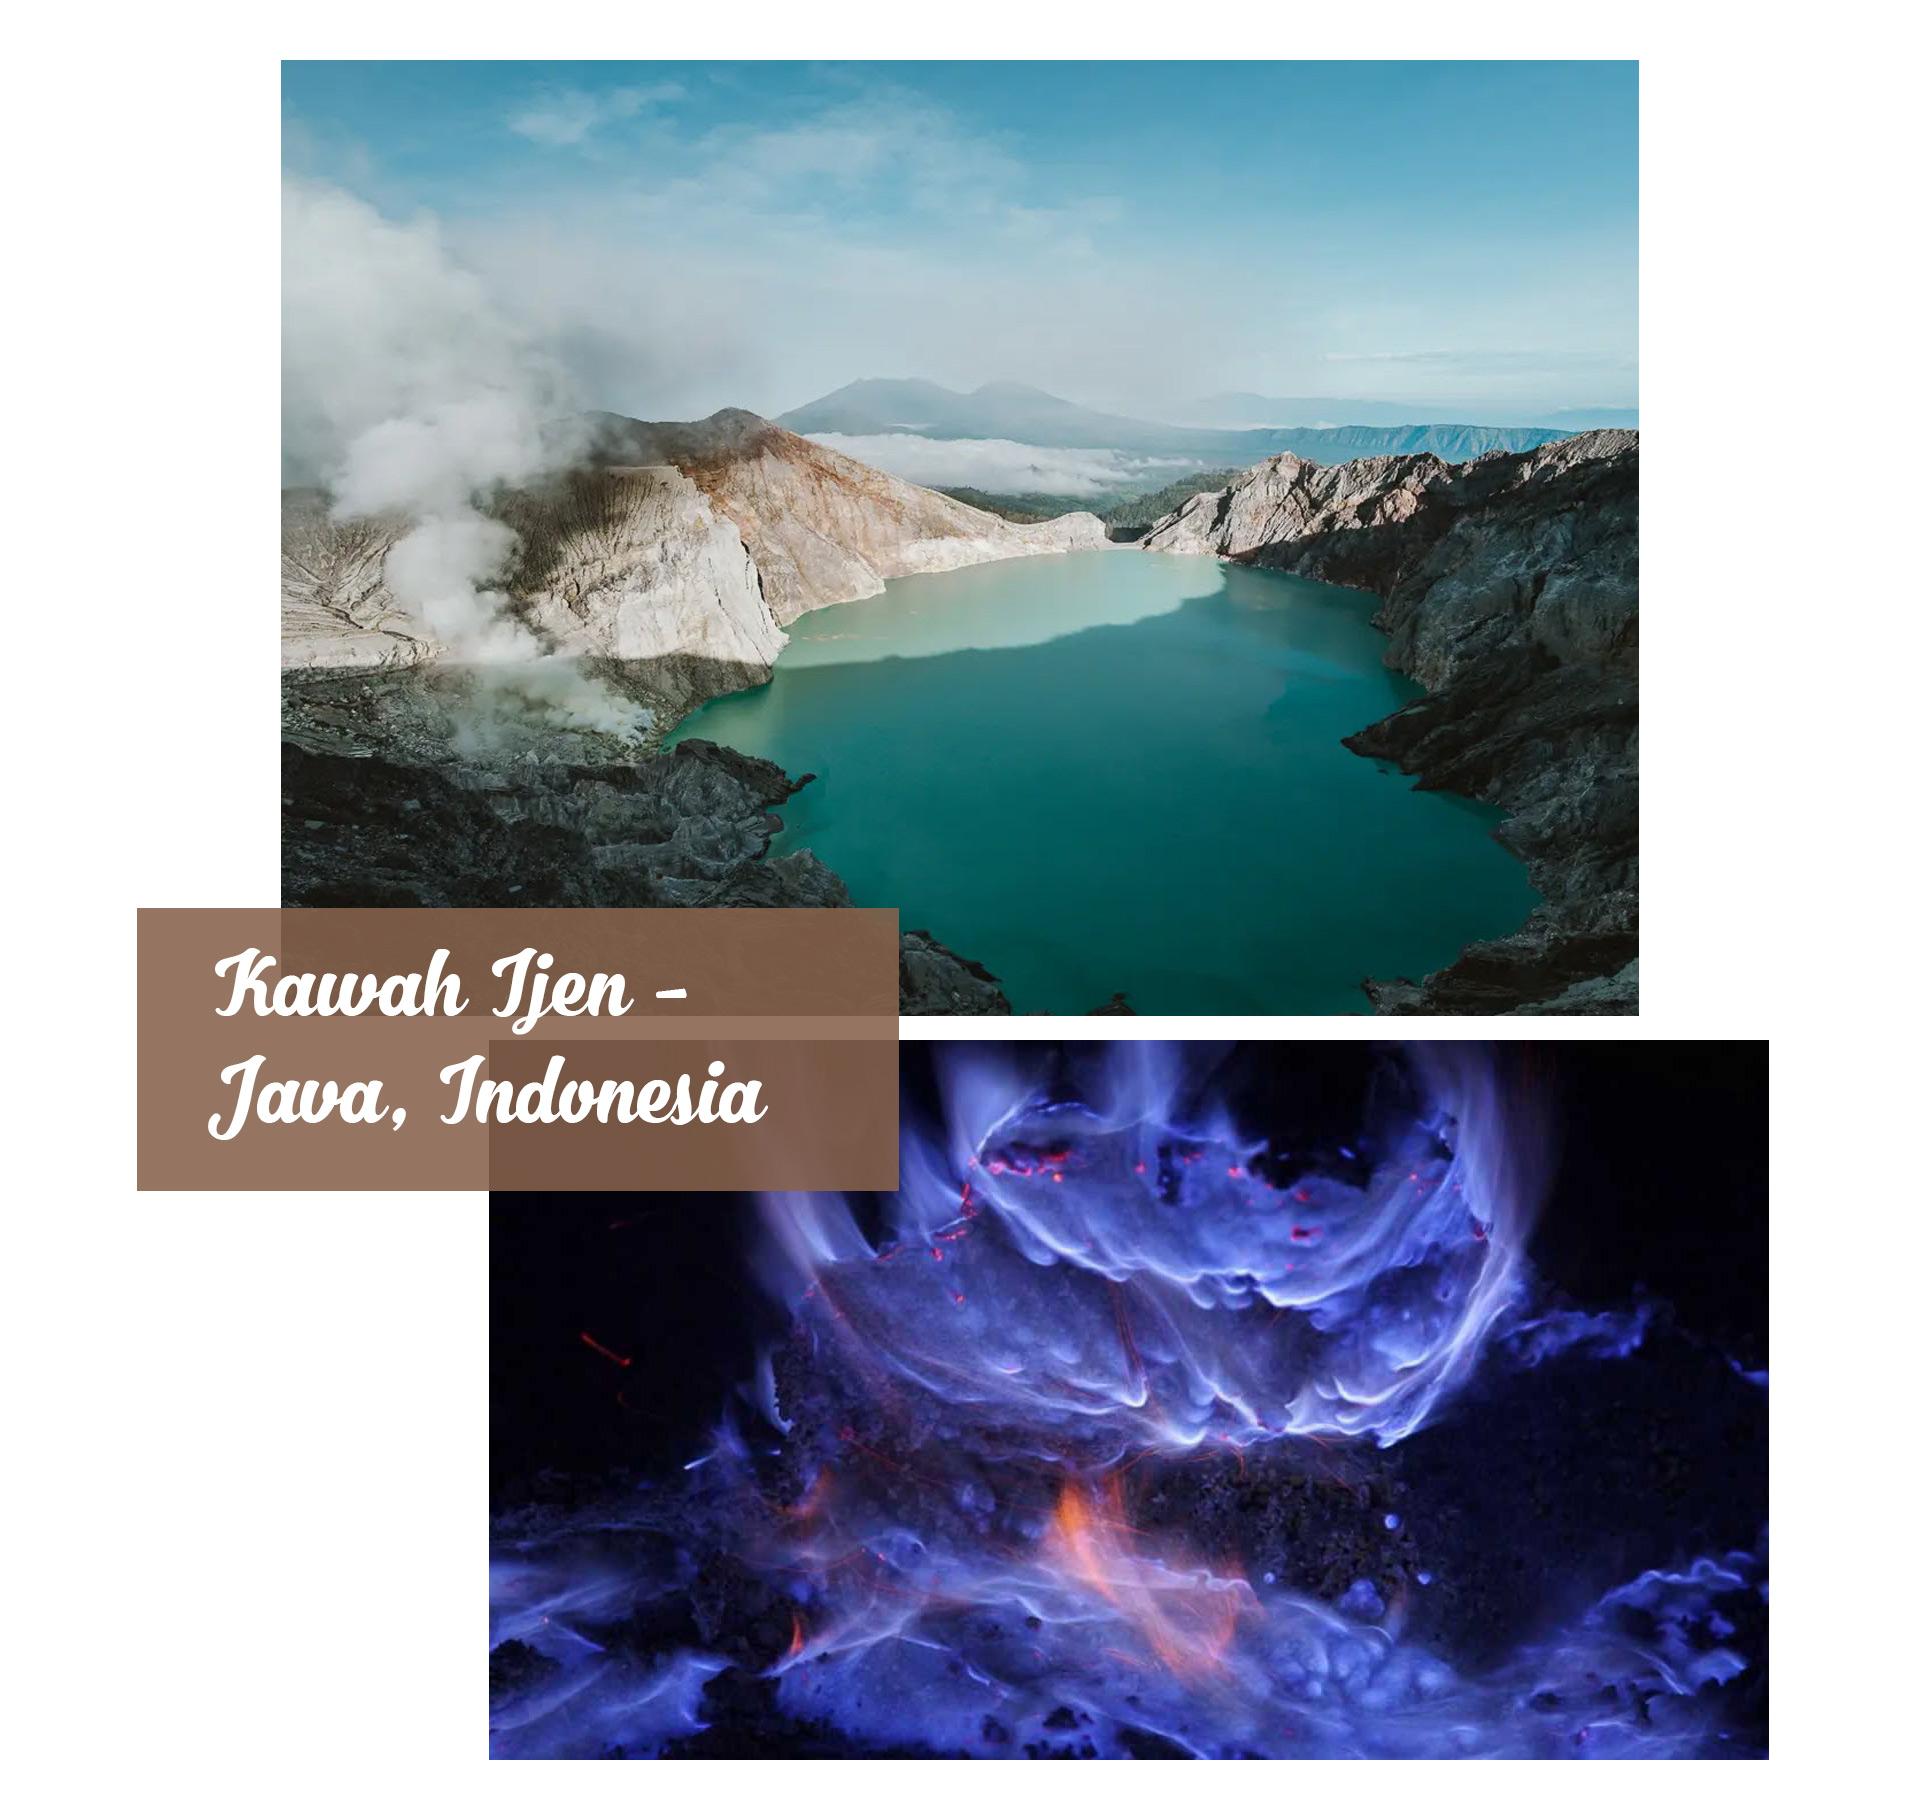 10 địa điểm ấn tượng nhất Đông Nam Á khiến du khách phải trầm trồ - 11